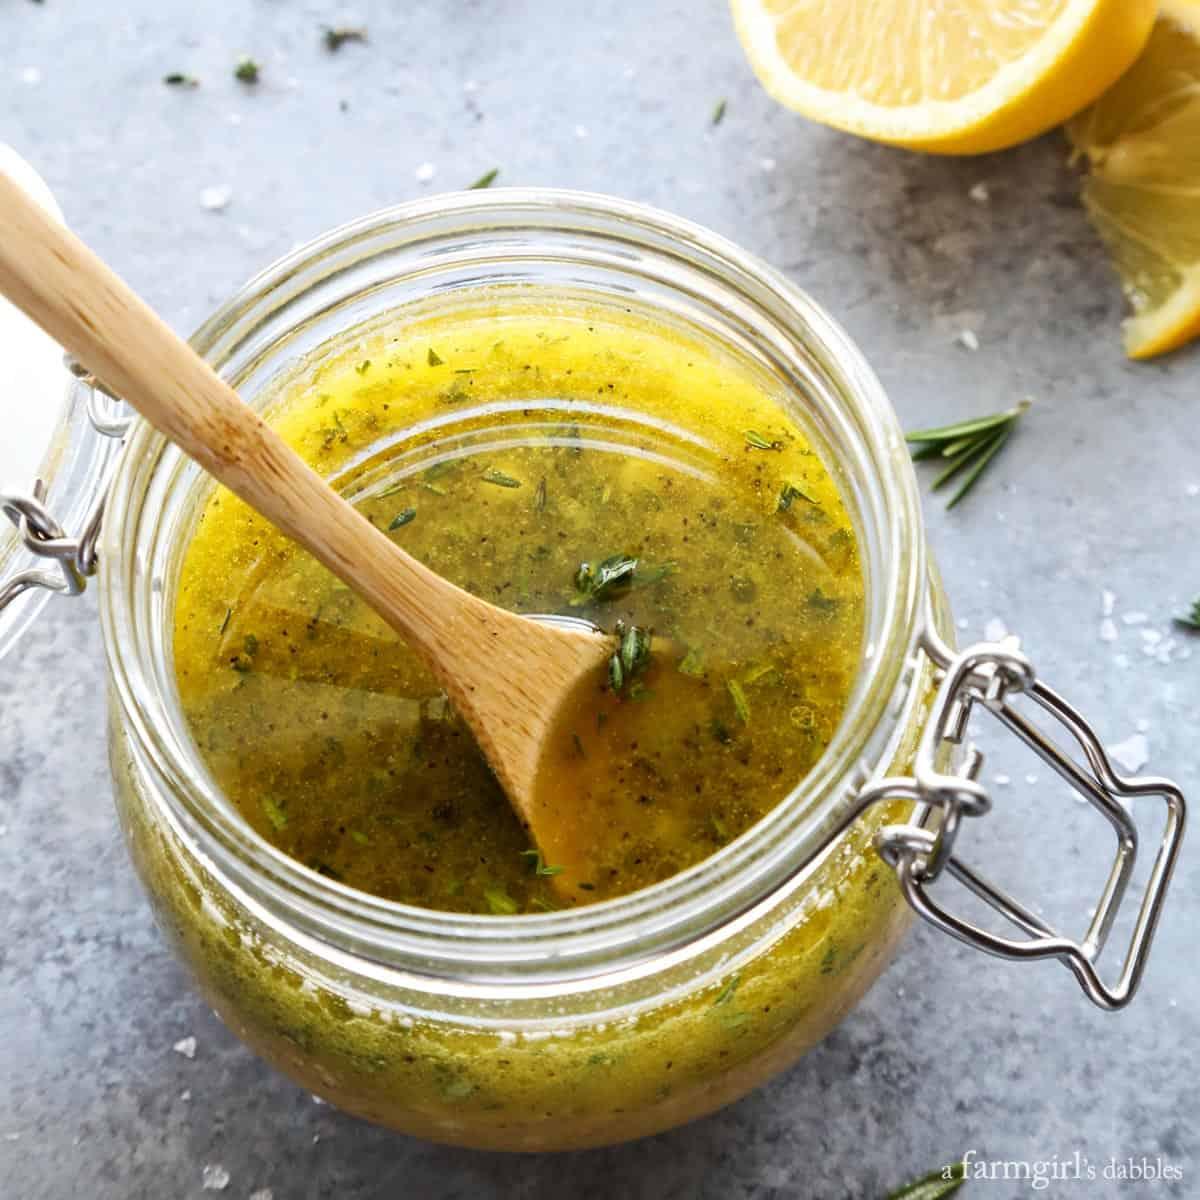 Herby Lemon Vinaigrette from afarmgirlsdabbles.com